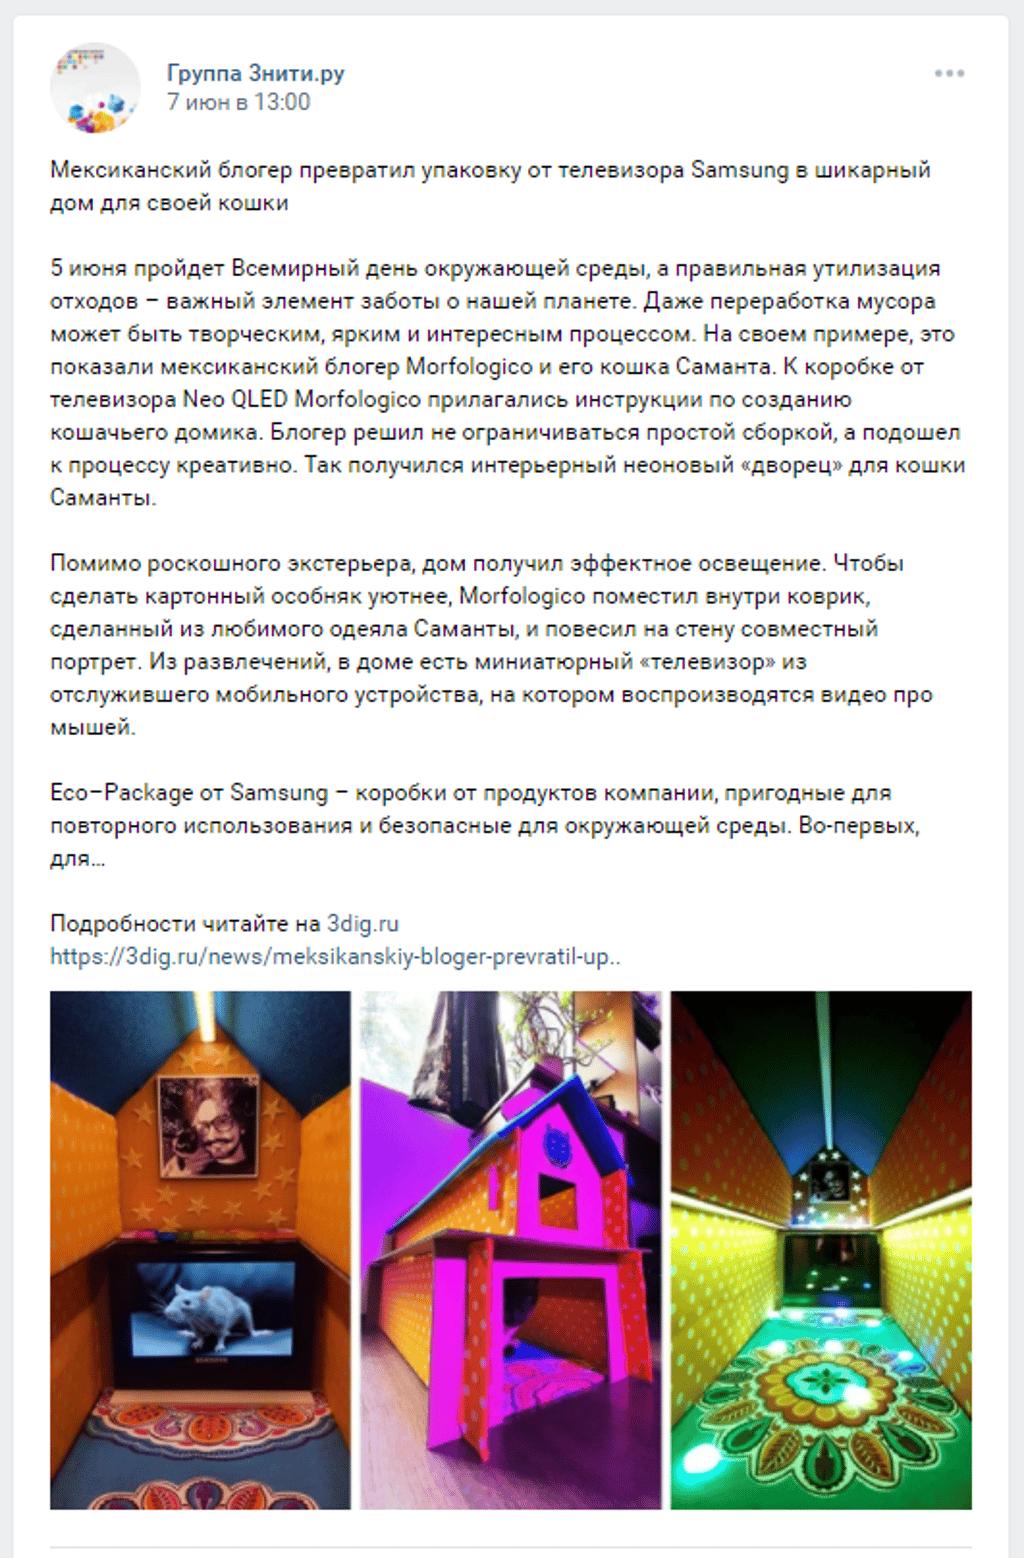 Скриншот из Вконтакте